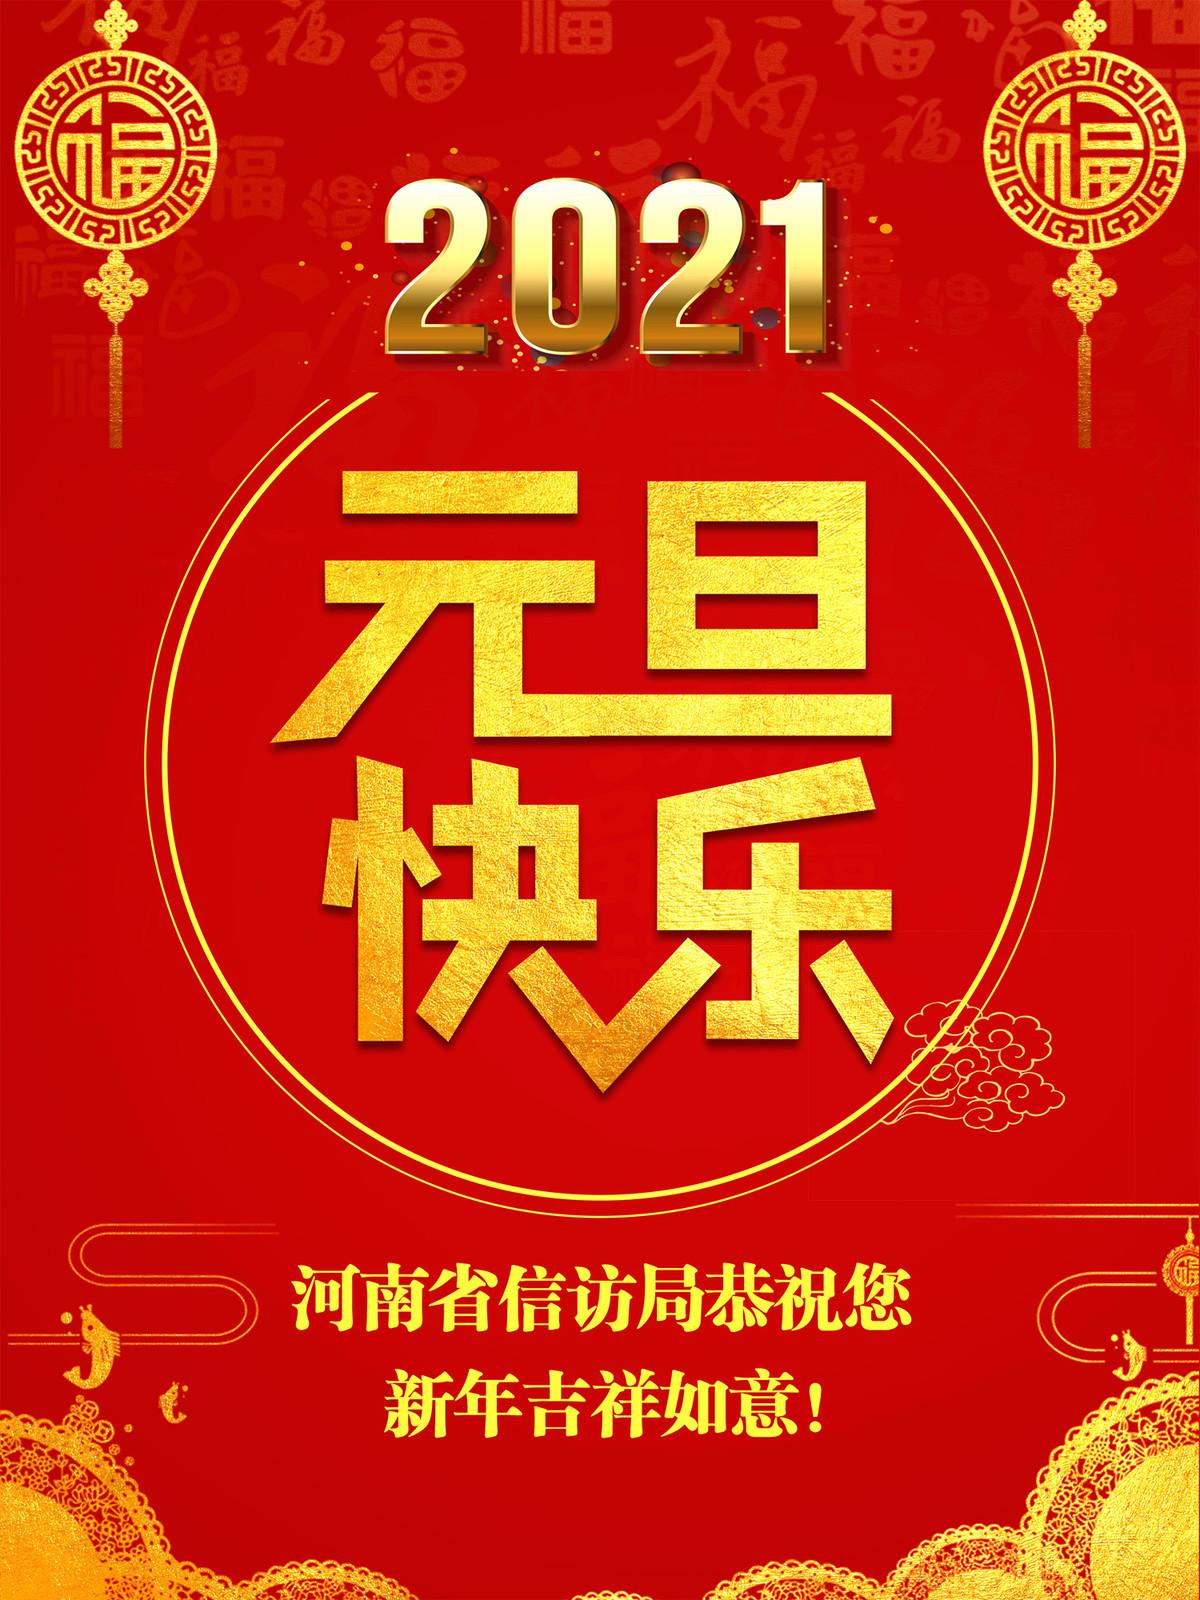 2021,河南省信访局祝您新年吉祥如意!